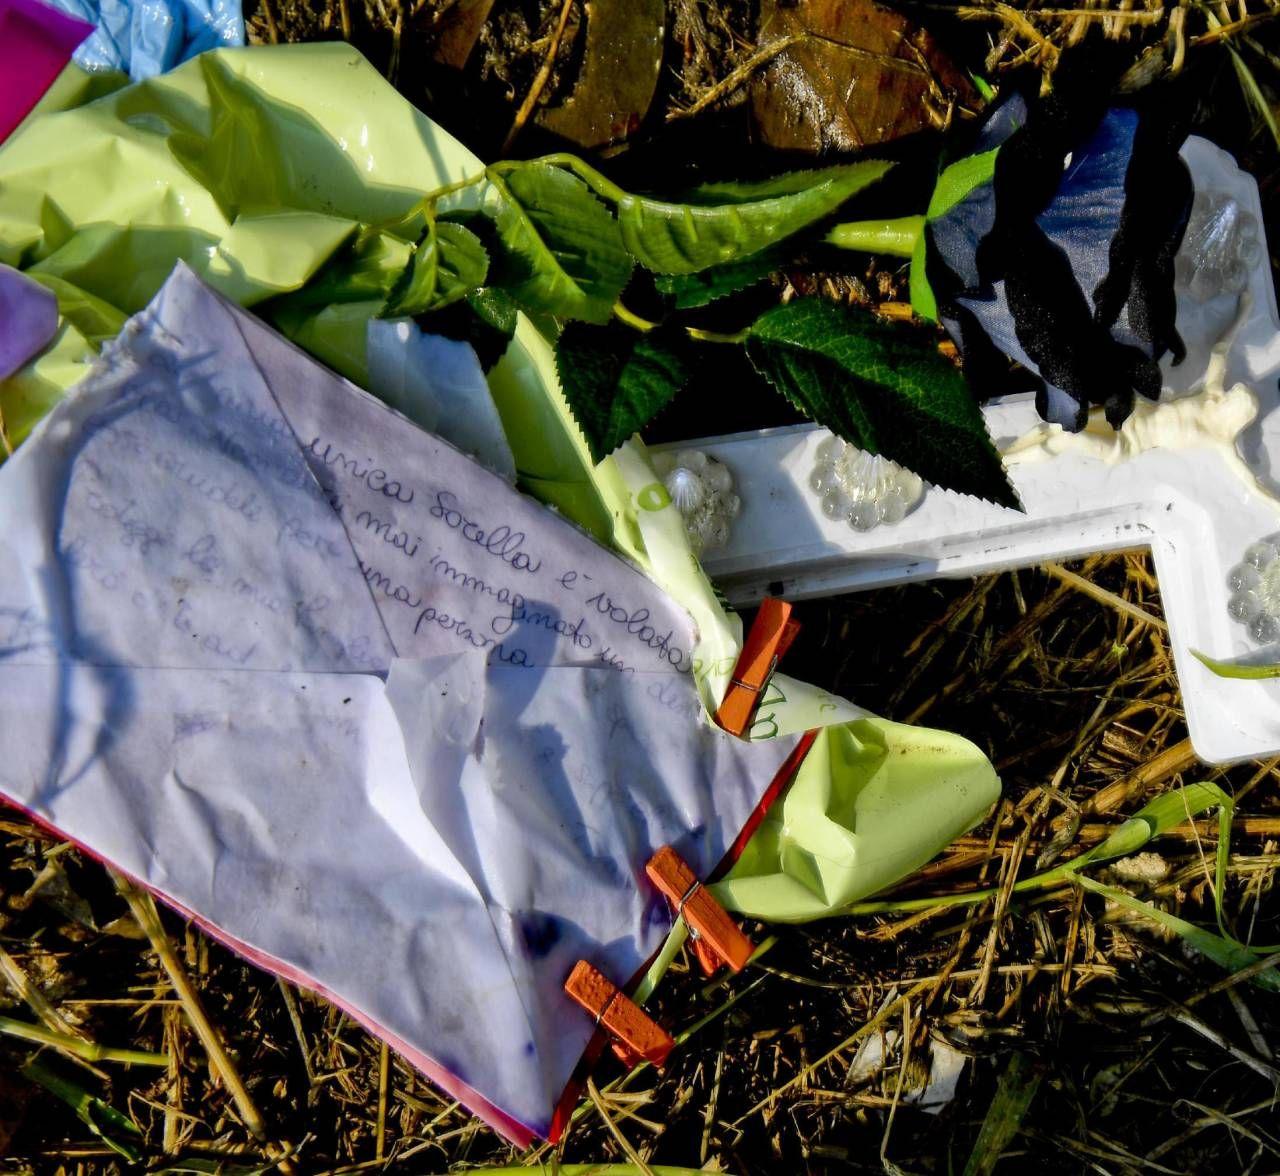 La lettera della sorella maggiore di Maria Paola Gaglione lasciata nel punto in cui la 20enne ha perso la vita